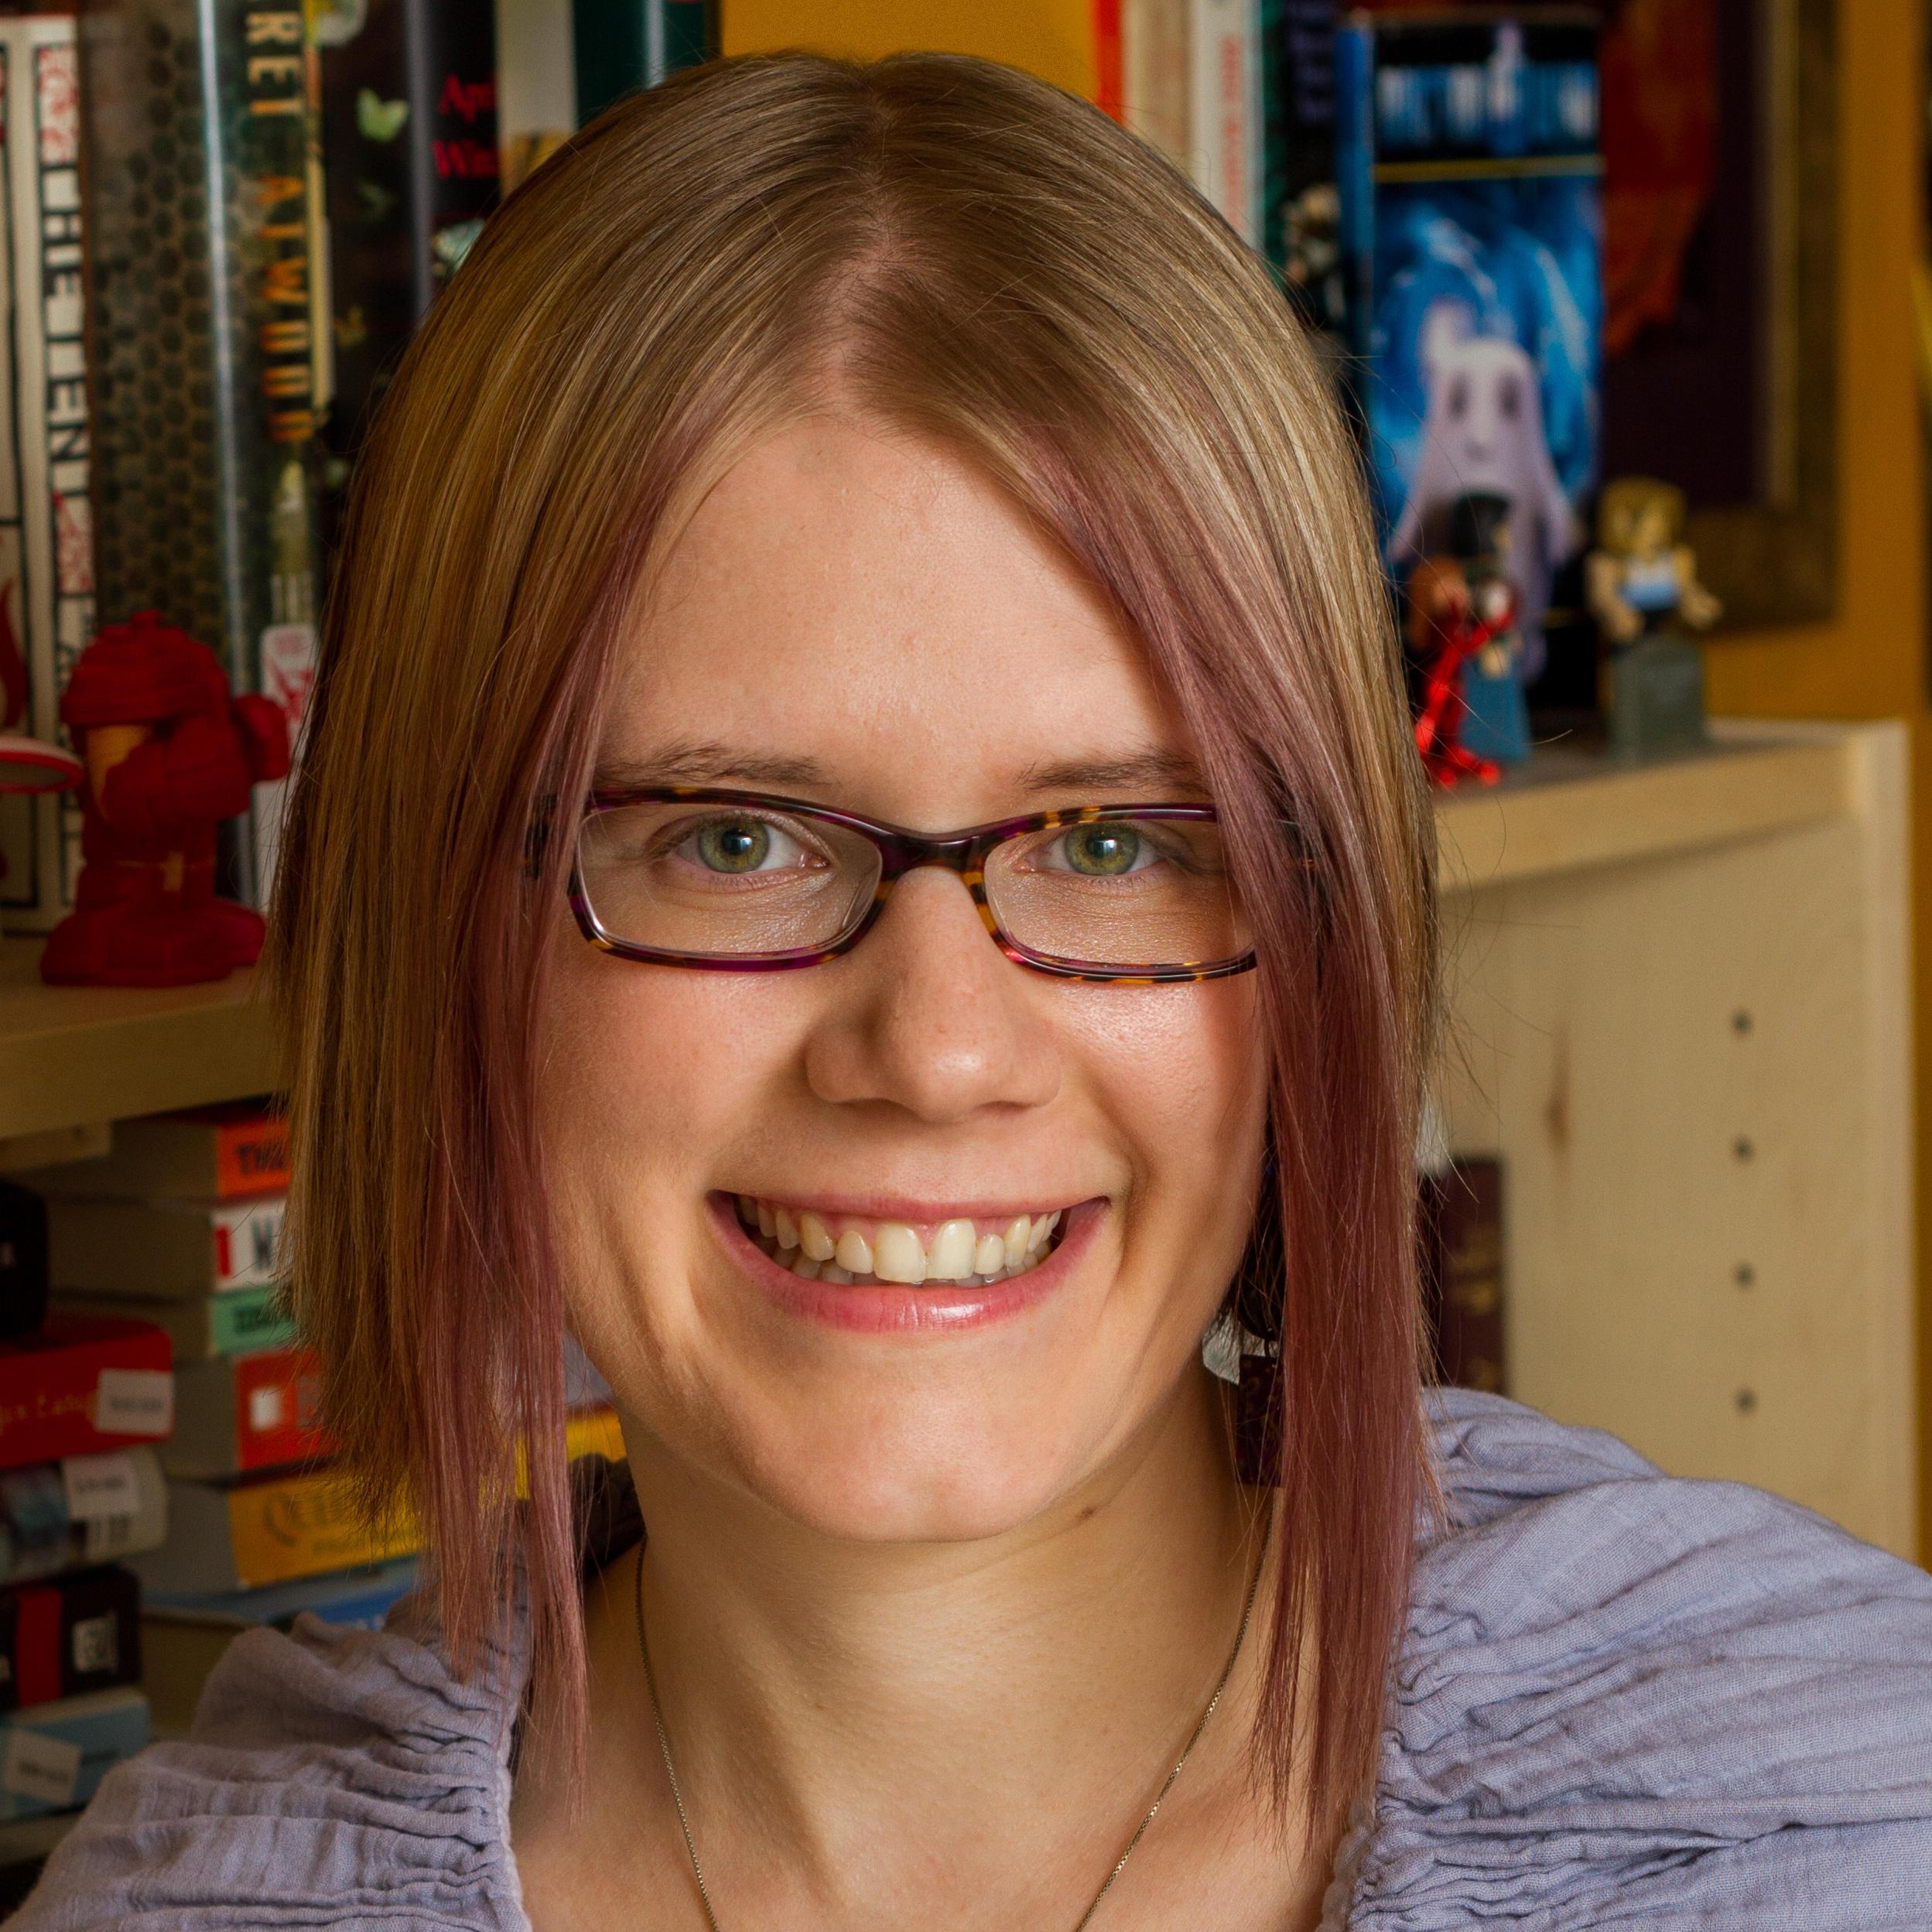 Erica McGillivray